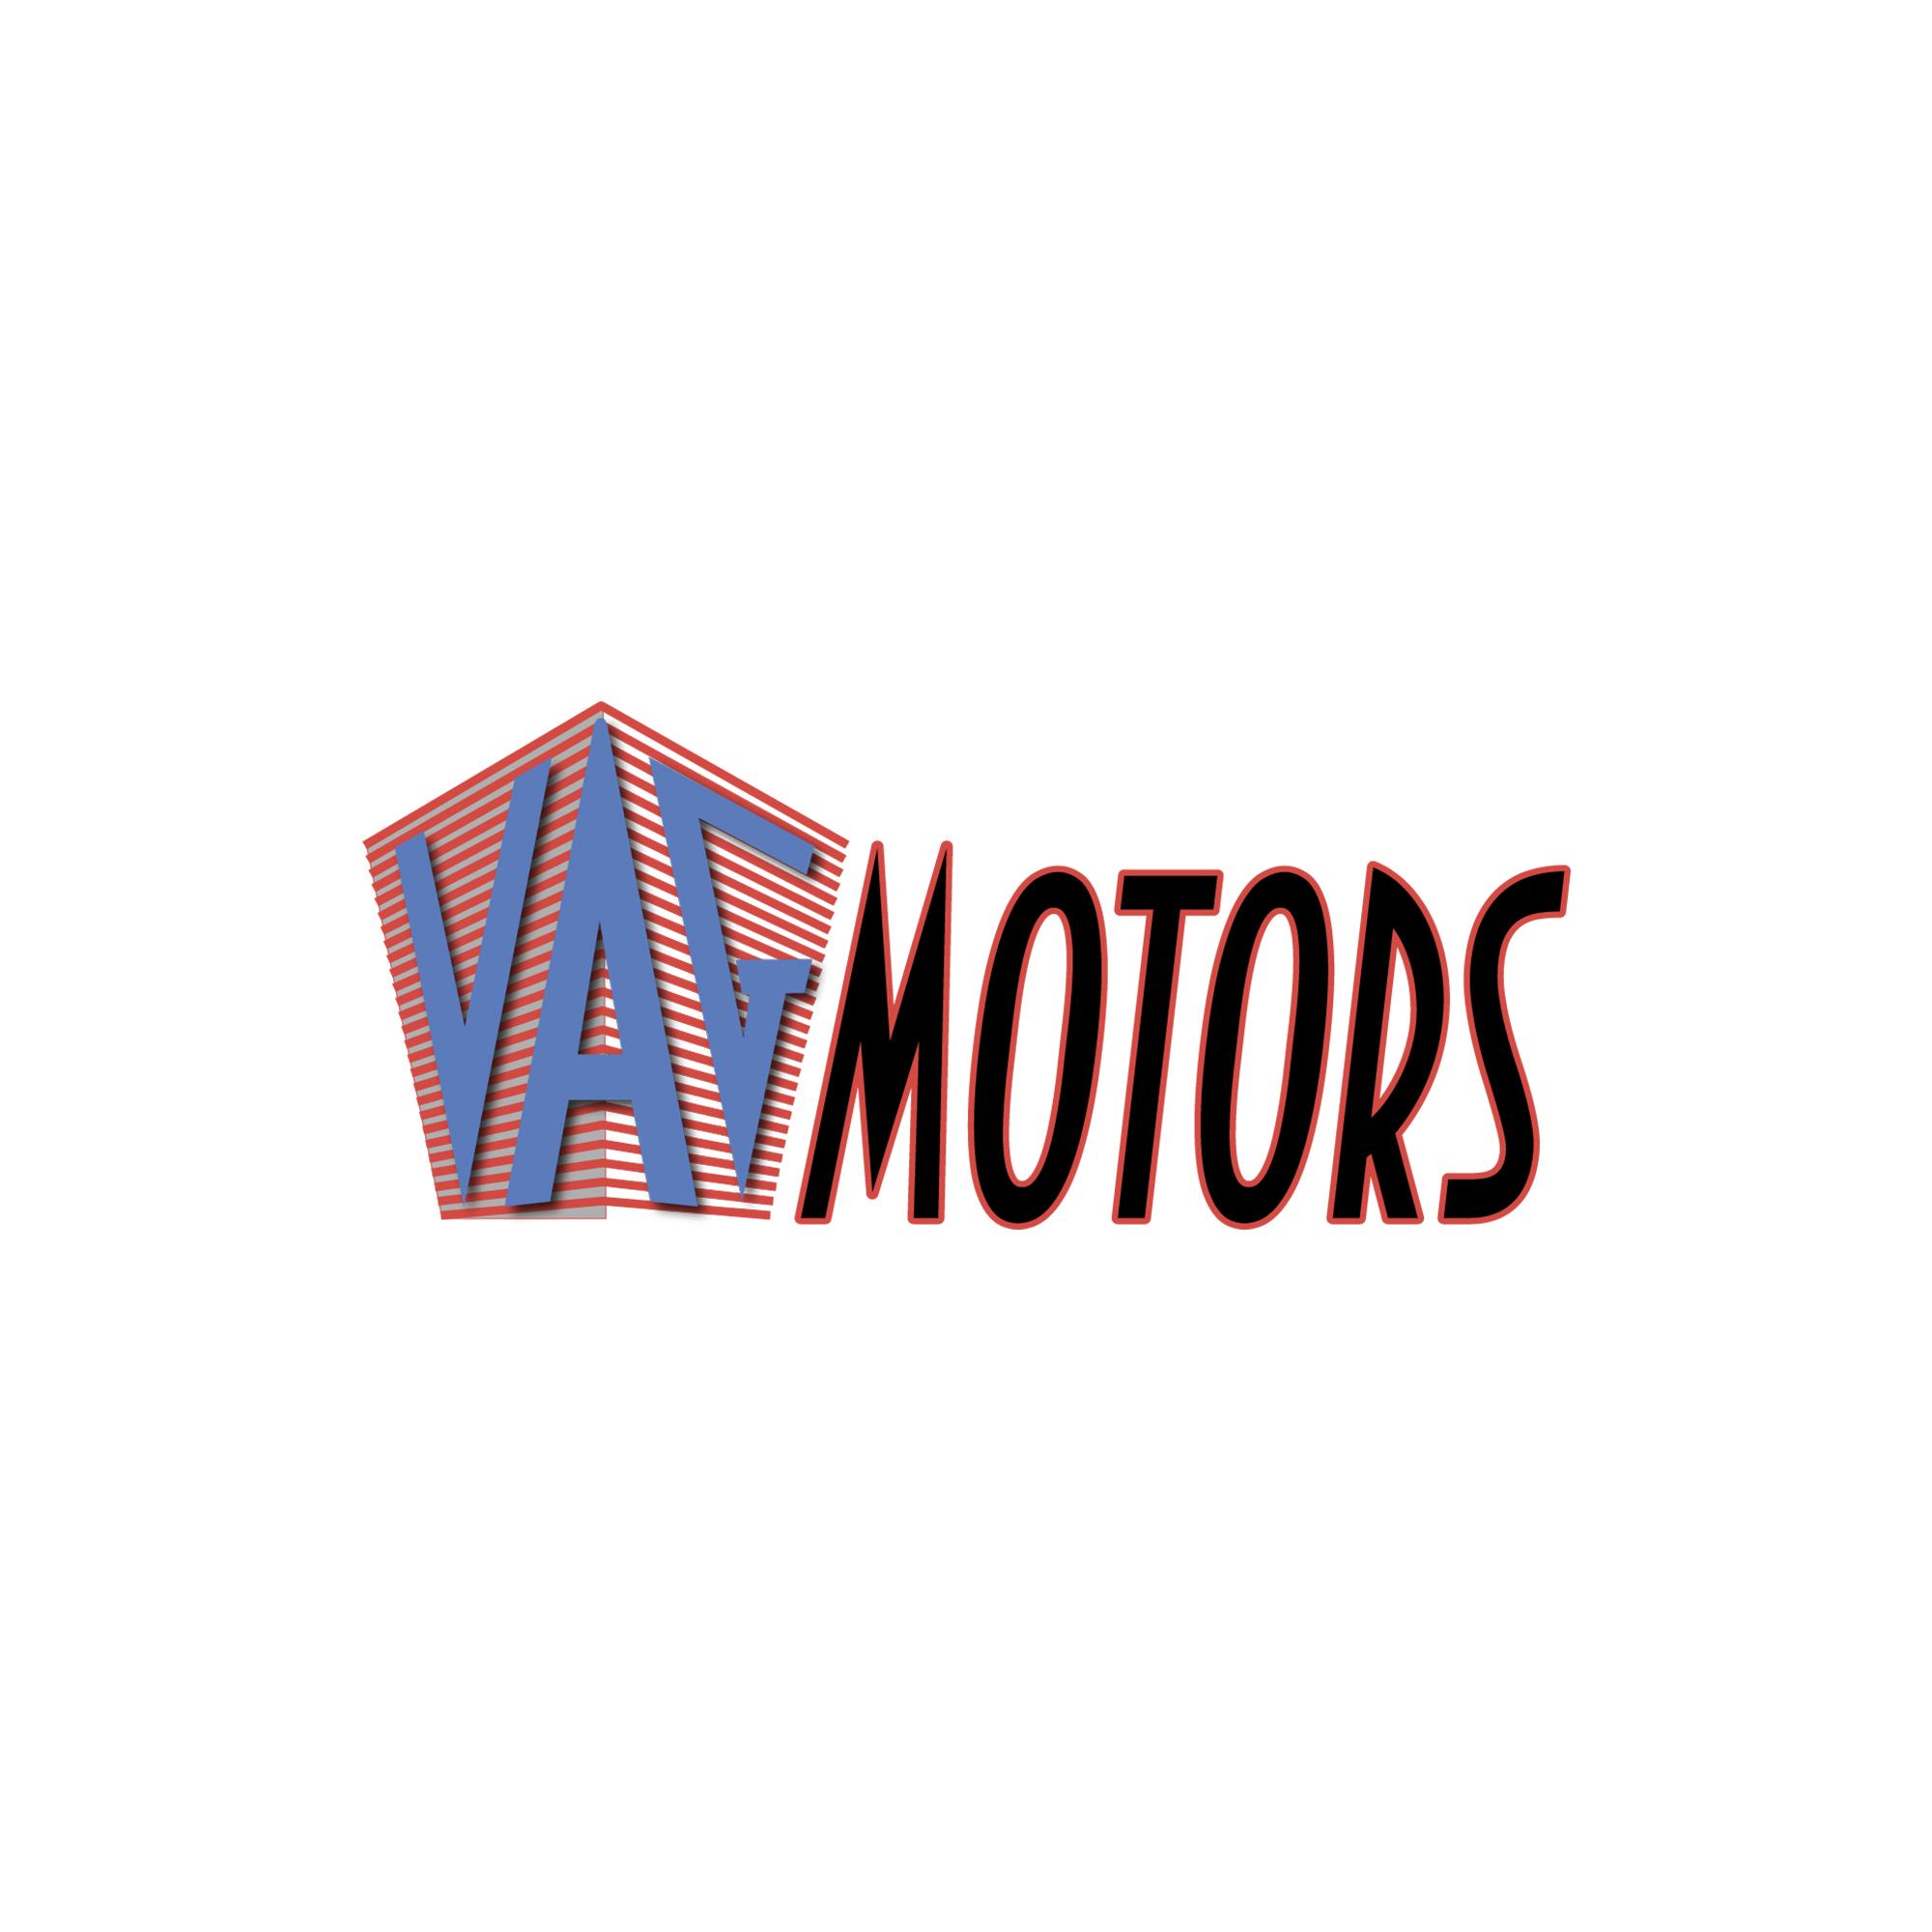 Разработать логотип автосервиса фото f_9475581696237960.jpg